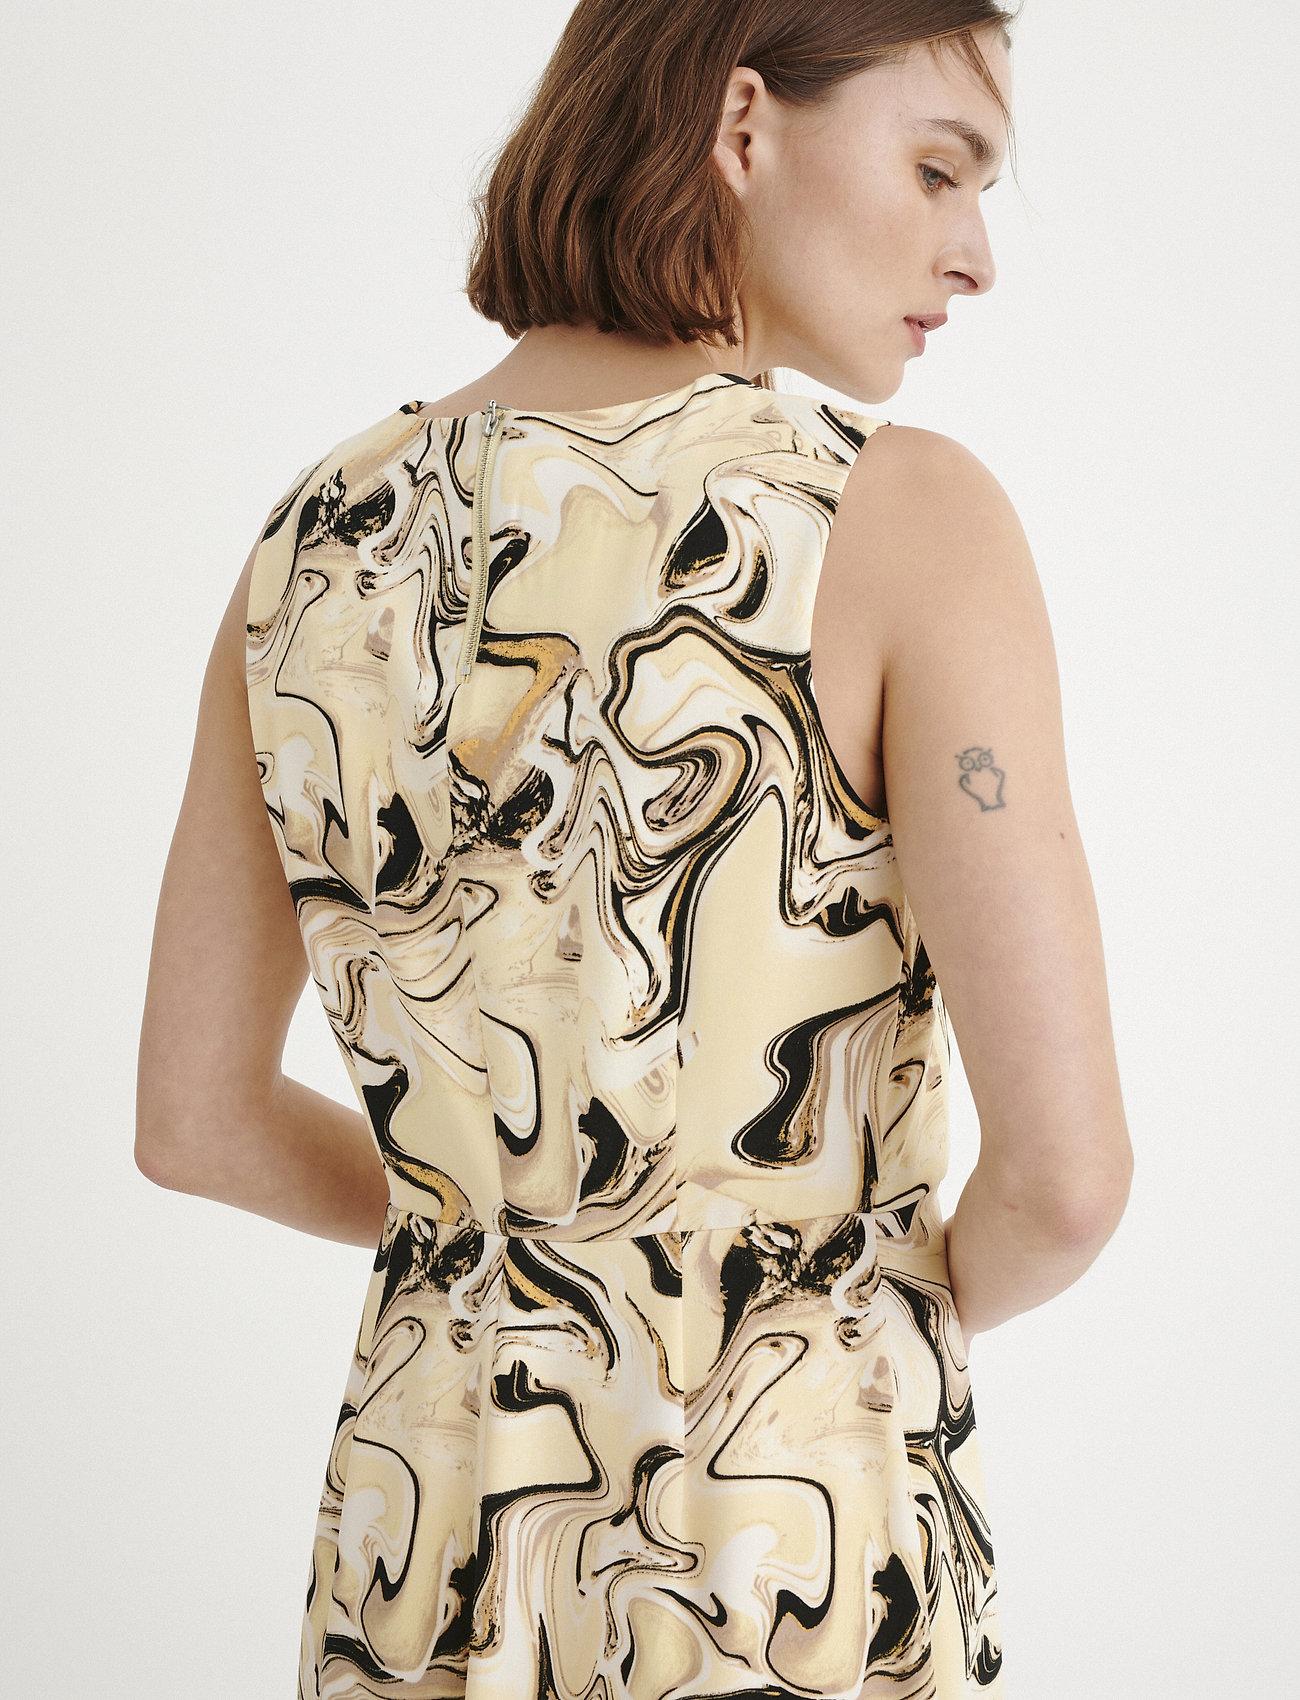 InWear KashaIW Dress - Kjoler YELLOW MARBLING - Dameklær Spesialtilbud